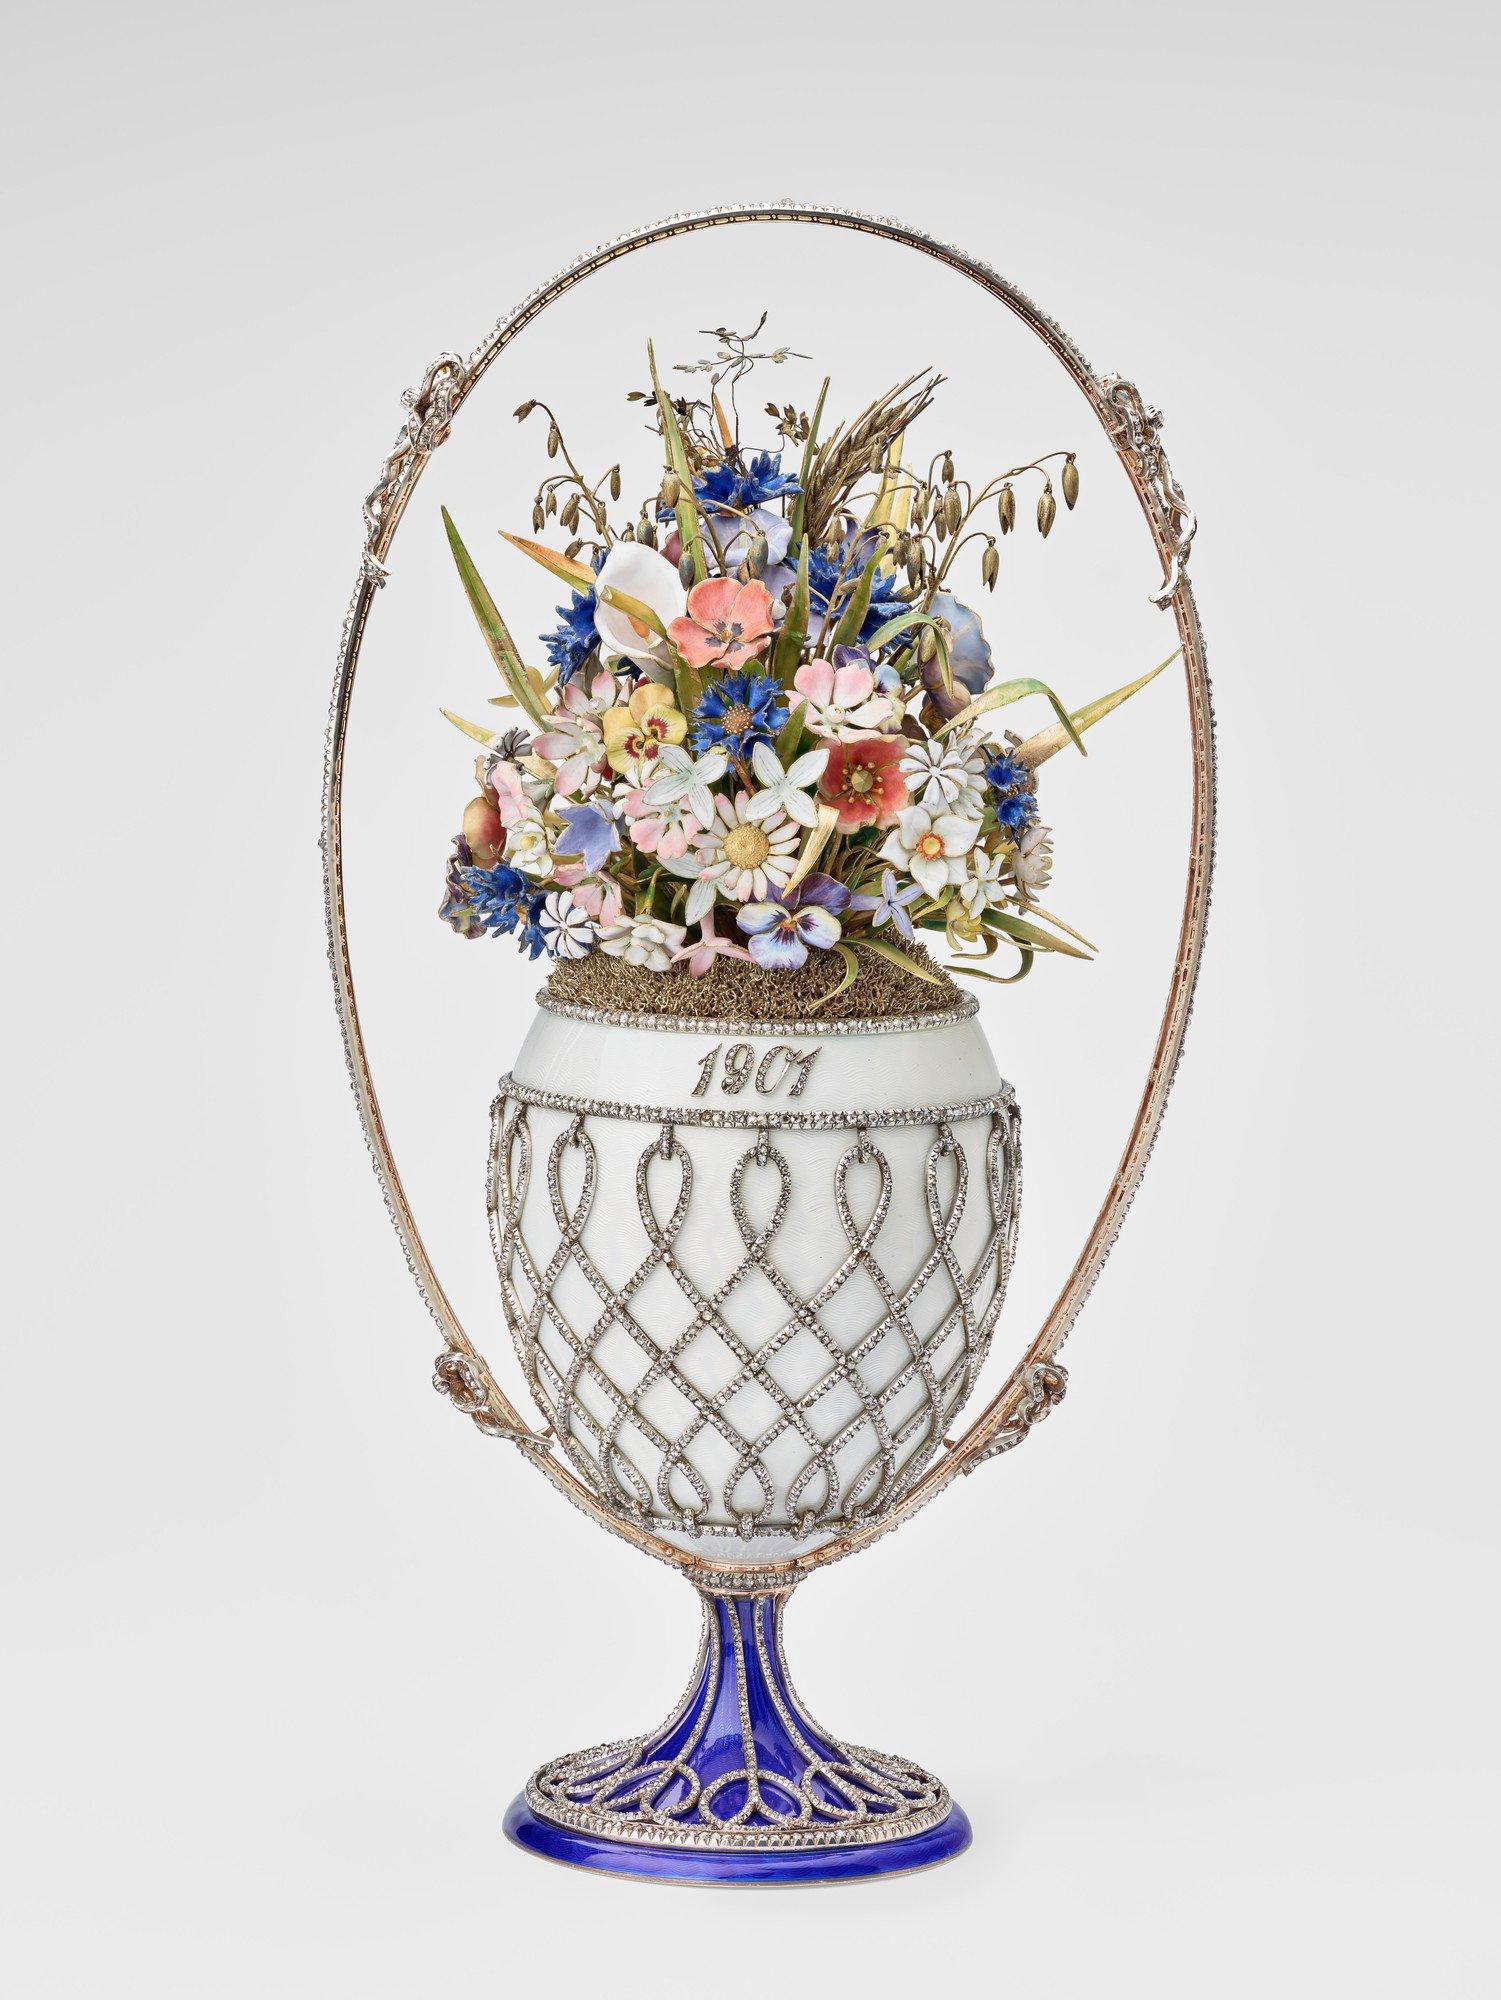 «Корзинка цветов», ныне часть коллекции Елизаветы II.